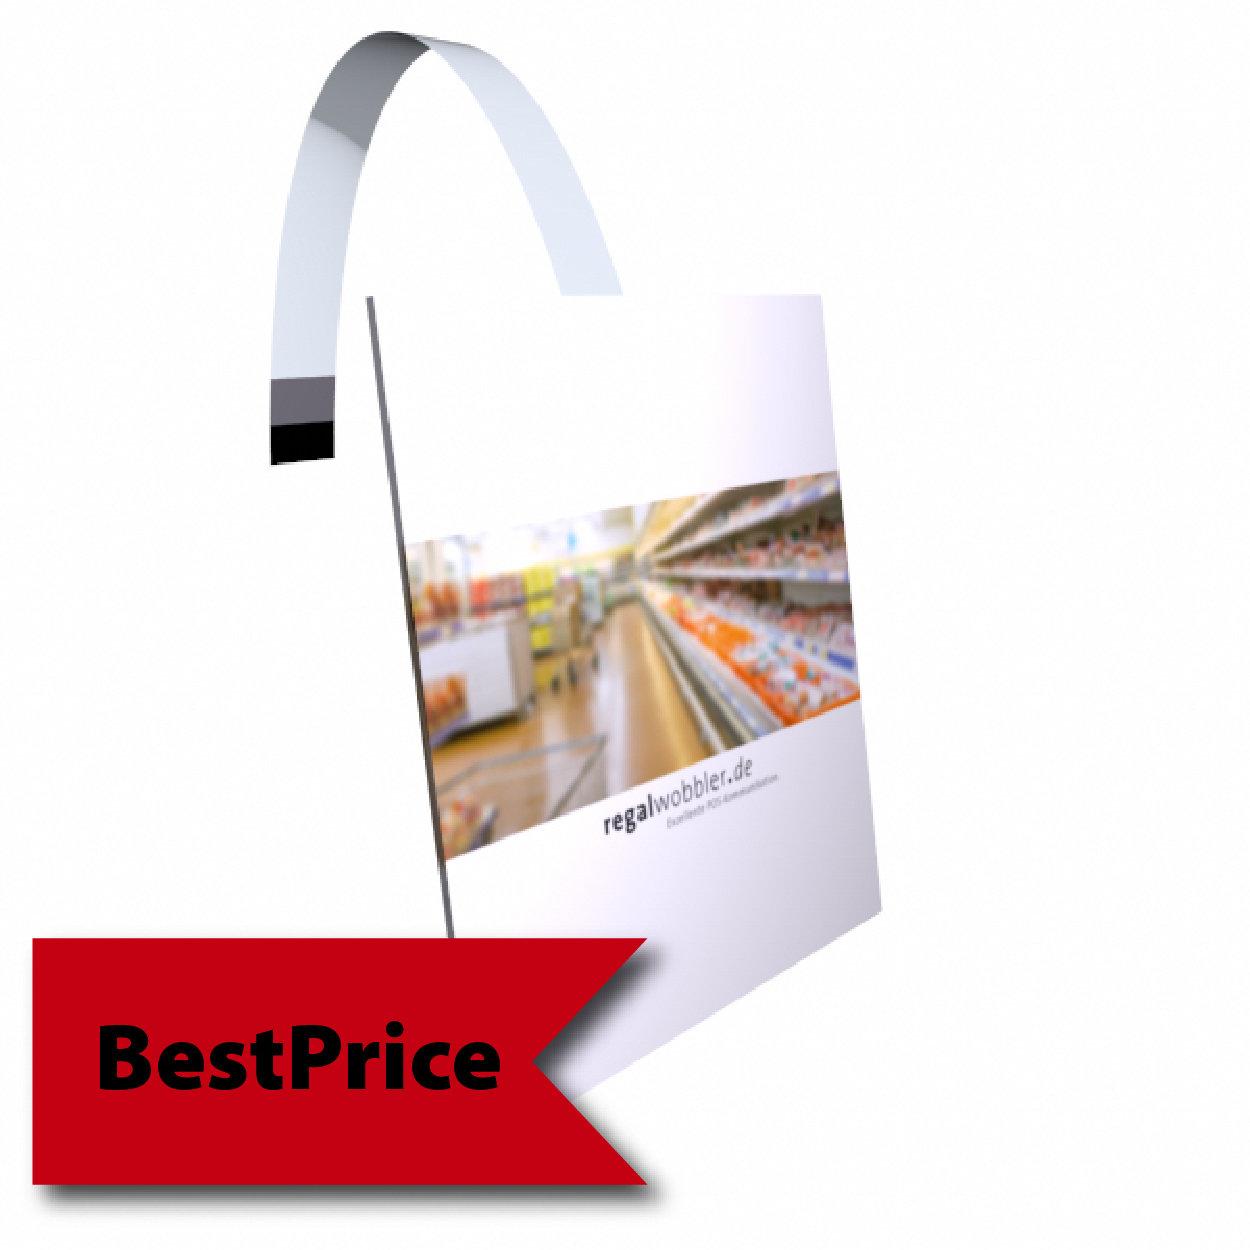 Regalwobbler individuelle Größe rechteckig oder quadratisch bis von 55 x 85 mm bis 99 x 100 mm - BestPrice-Modell